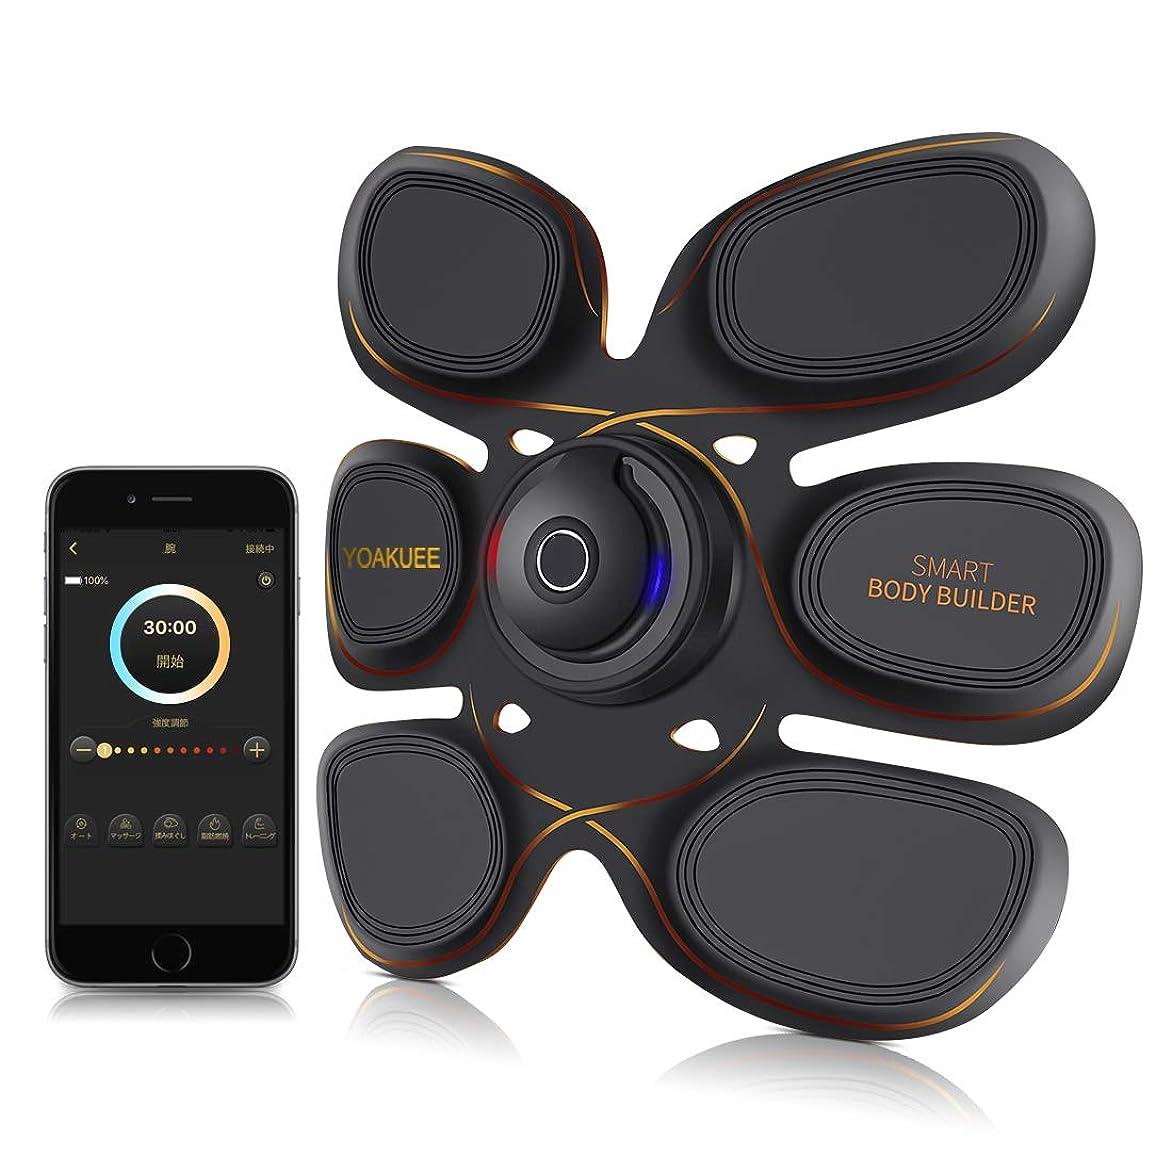 栄養ネズミ発動機Yoakuee EMS 腹筋ベルト USB充電式 アプリ連動でもっと便利に、より楽しく、携帯アプリで操作可能「5種類モード 50段階強度 」